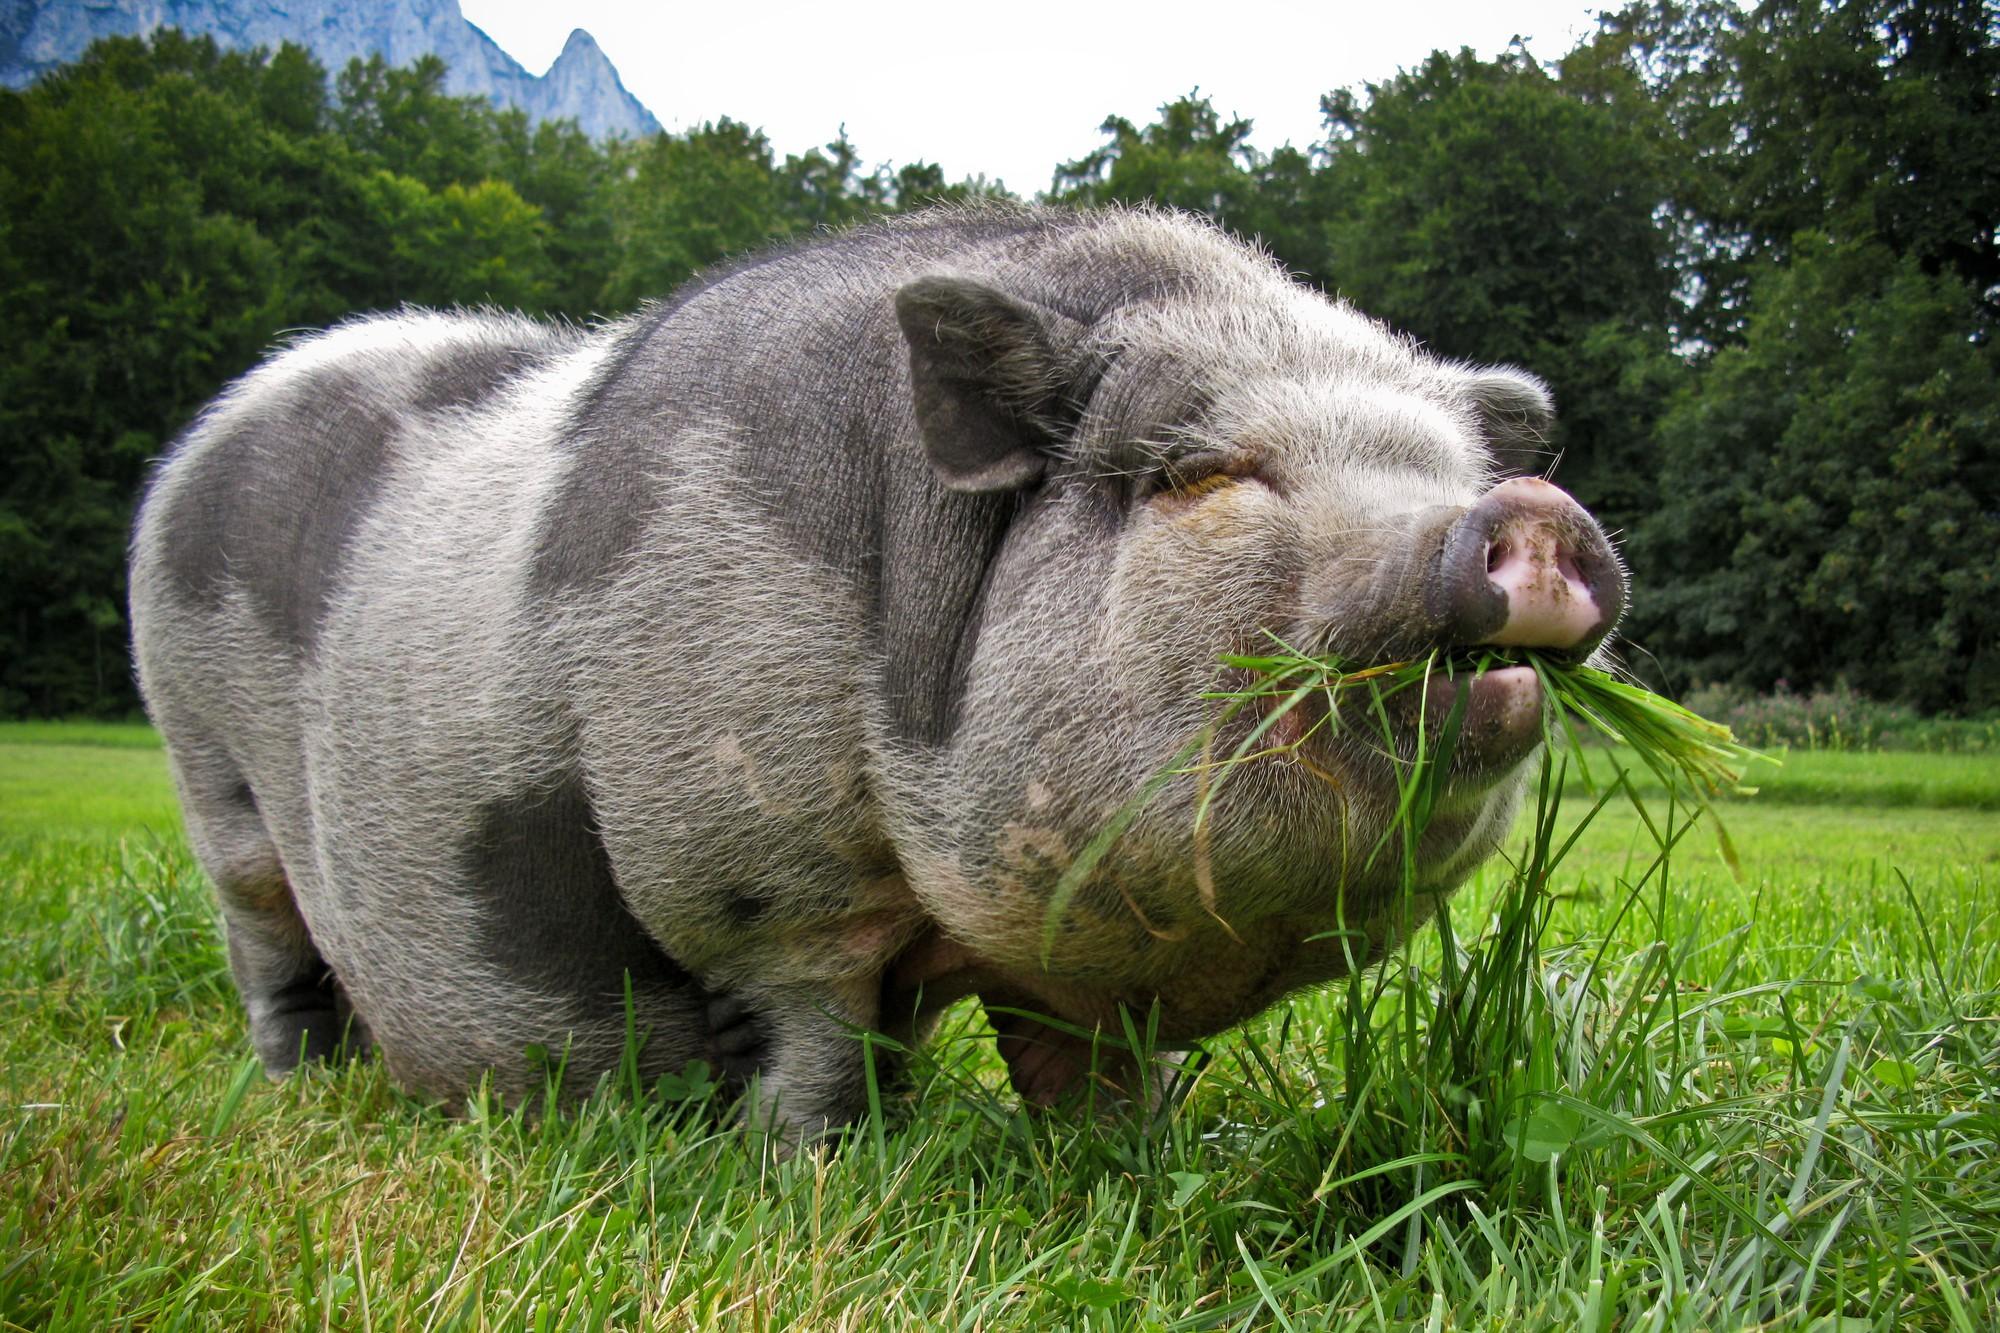 Câu chuyện về War Pig và Pig War: từ những con lợn quật ngã cả voi, đến nguy cơ gây đại chiến giữa 2 cường quốc - Ảnh 1.